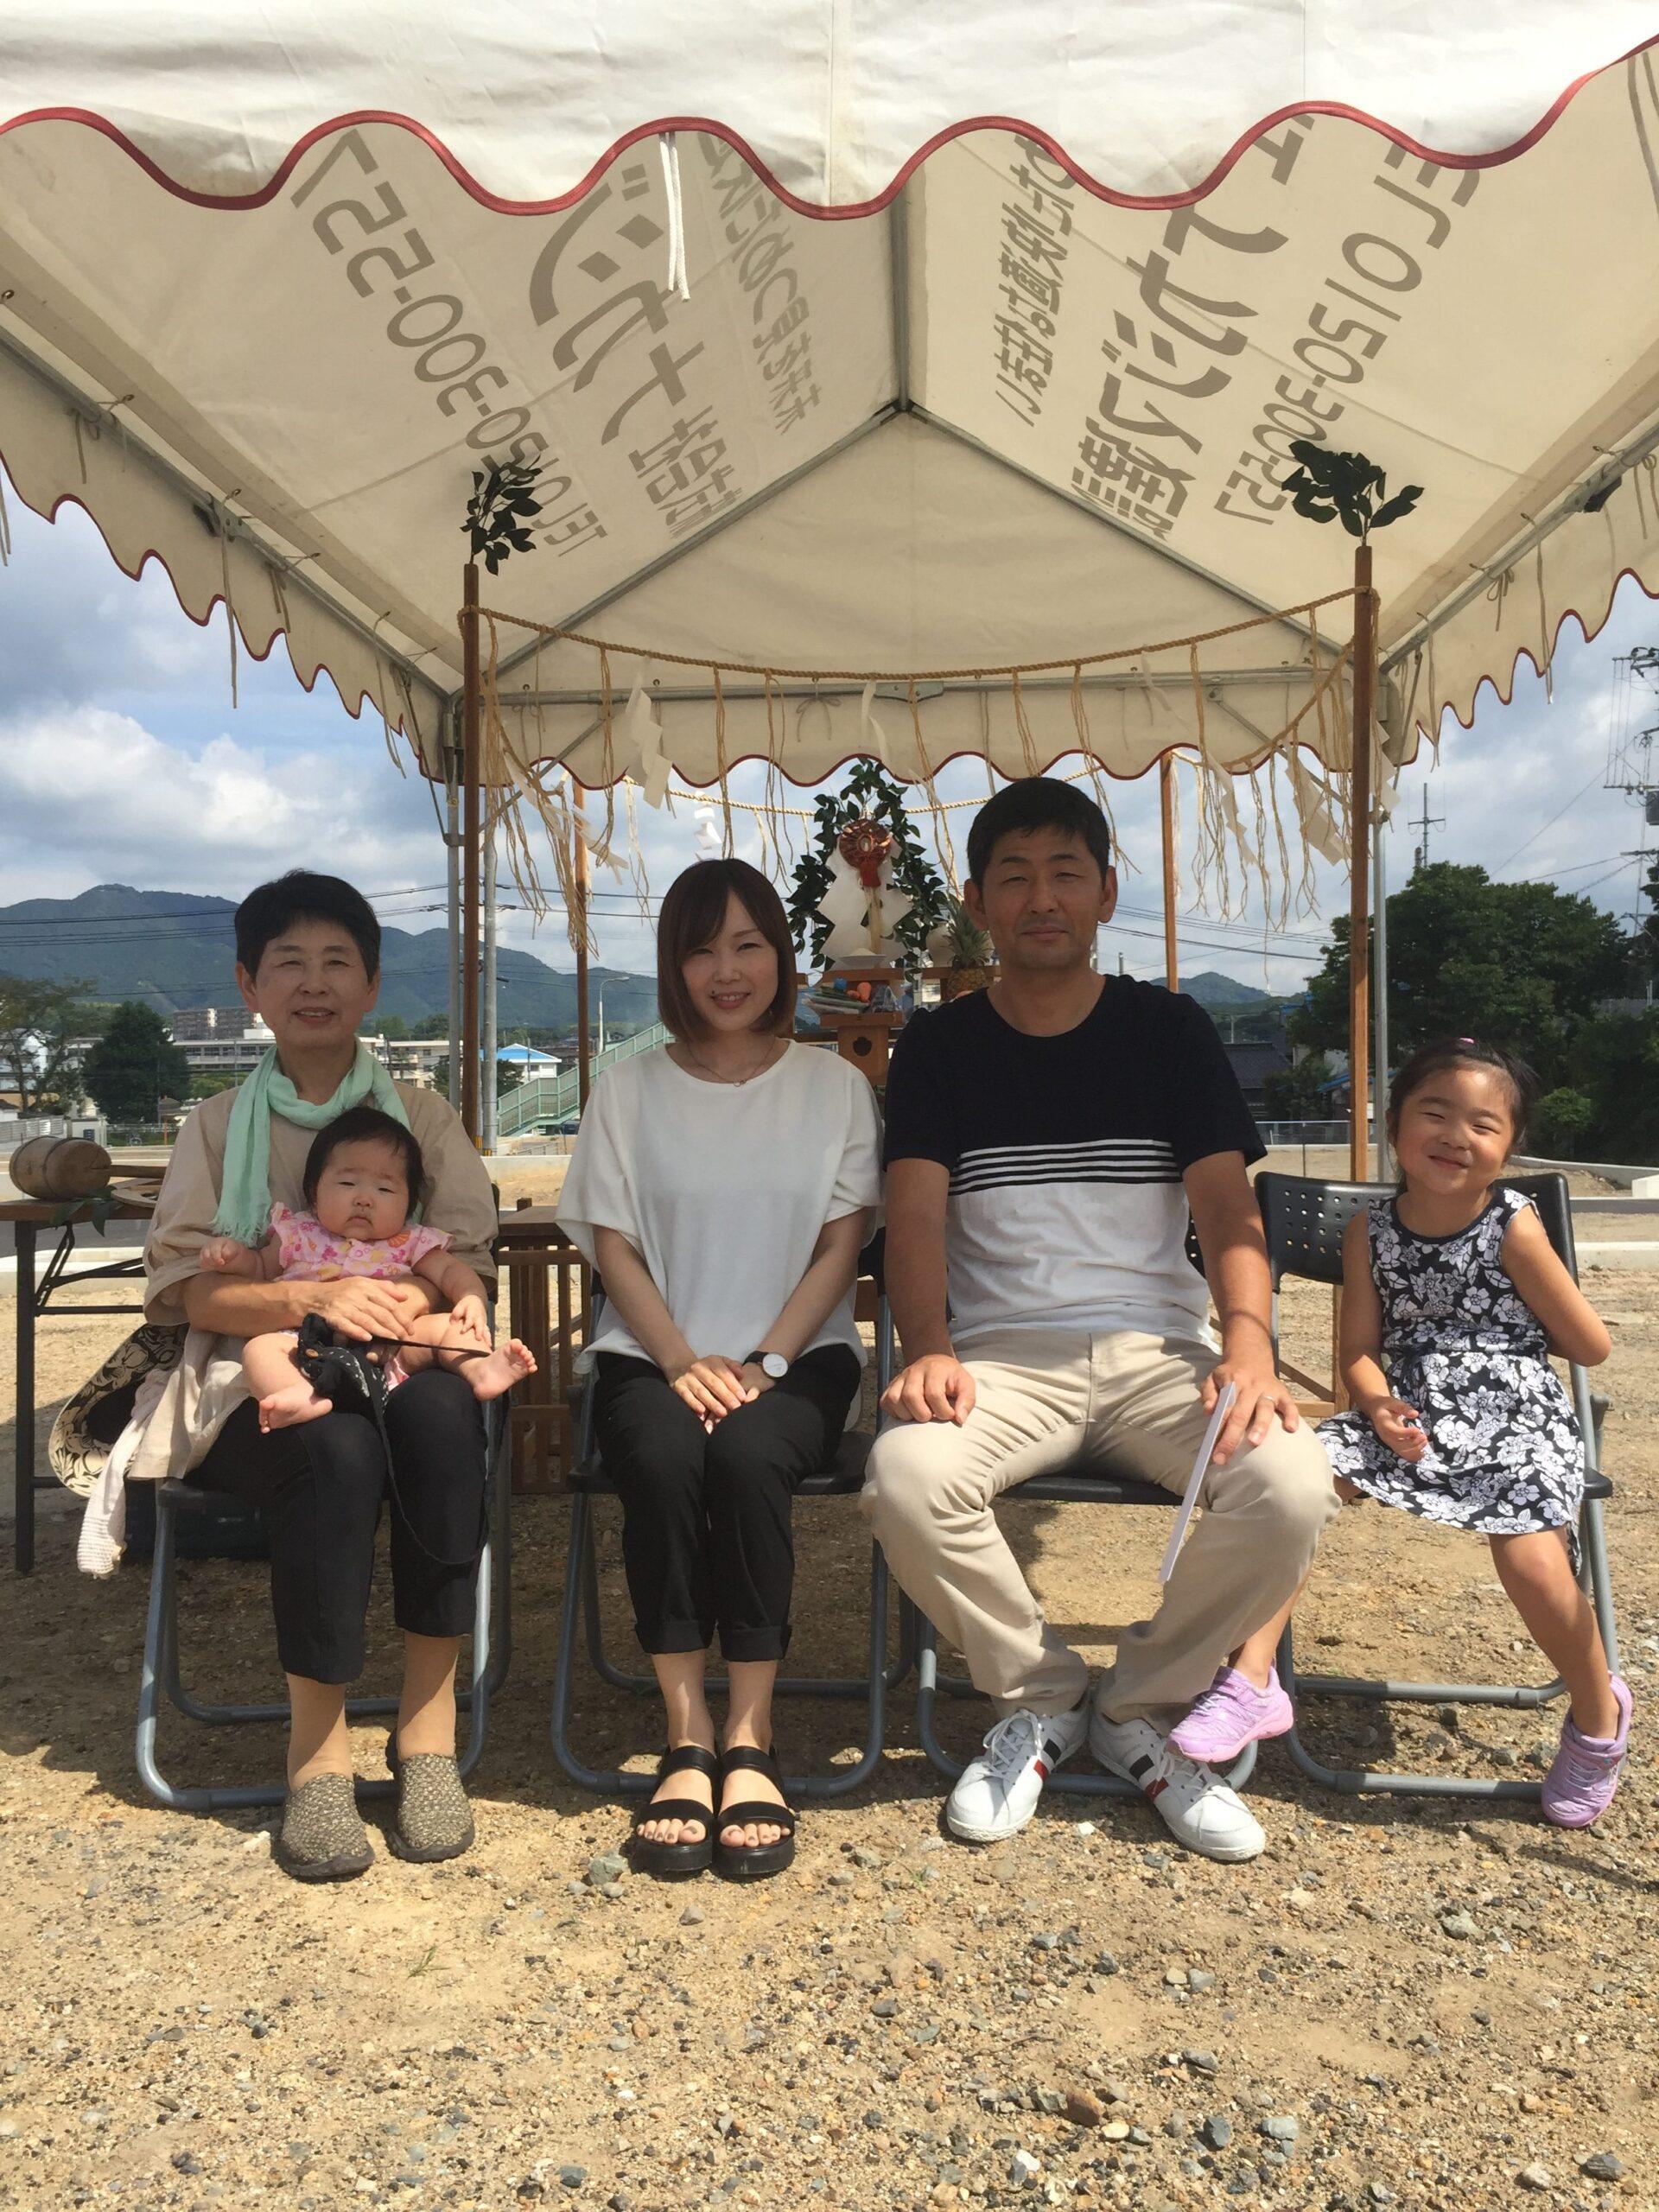 【飯塚市】H様邸地鎮祭